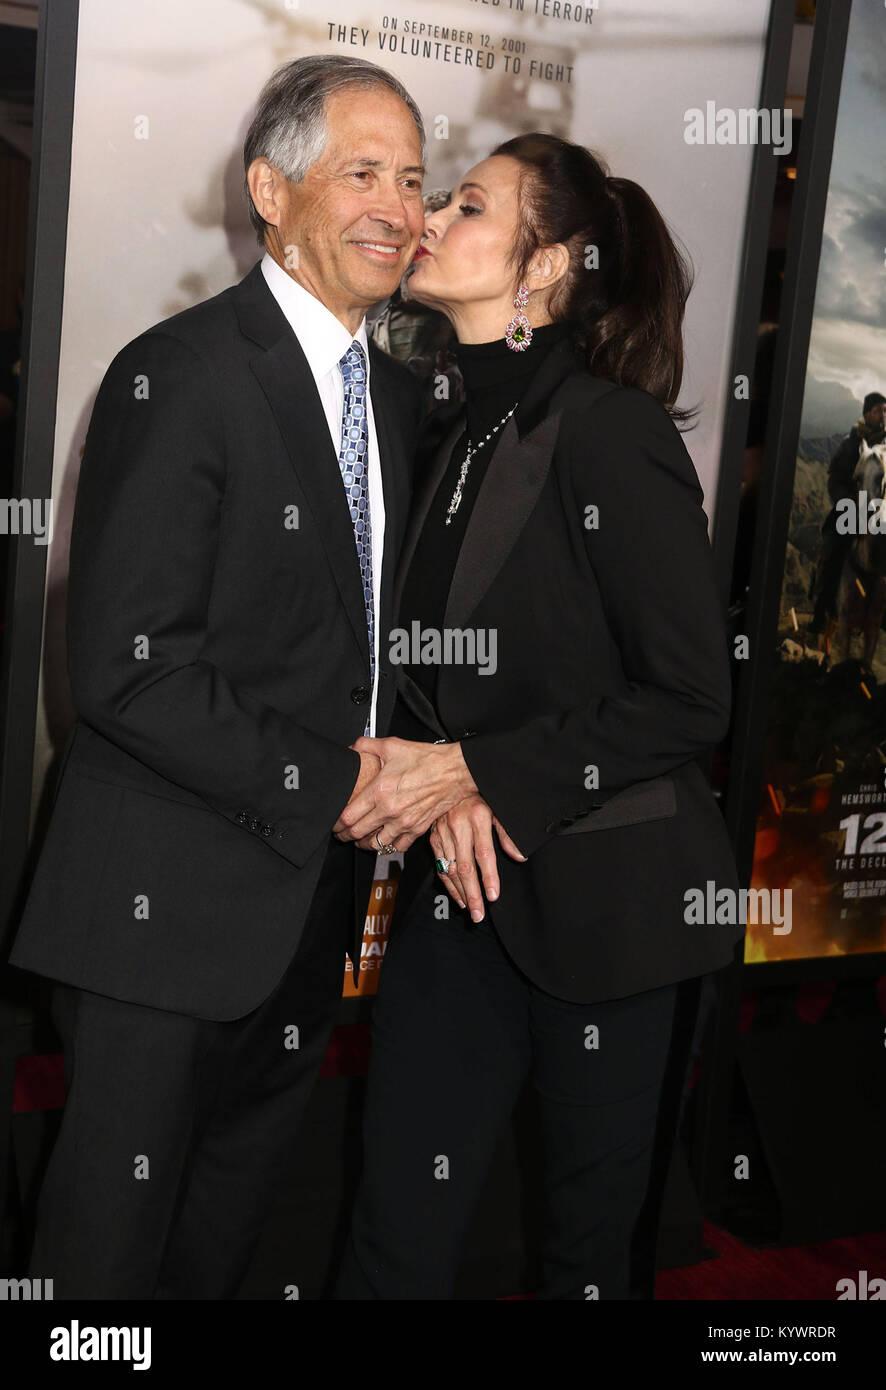 Lynda carter kiss photos